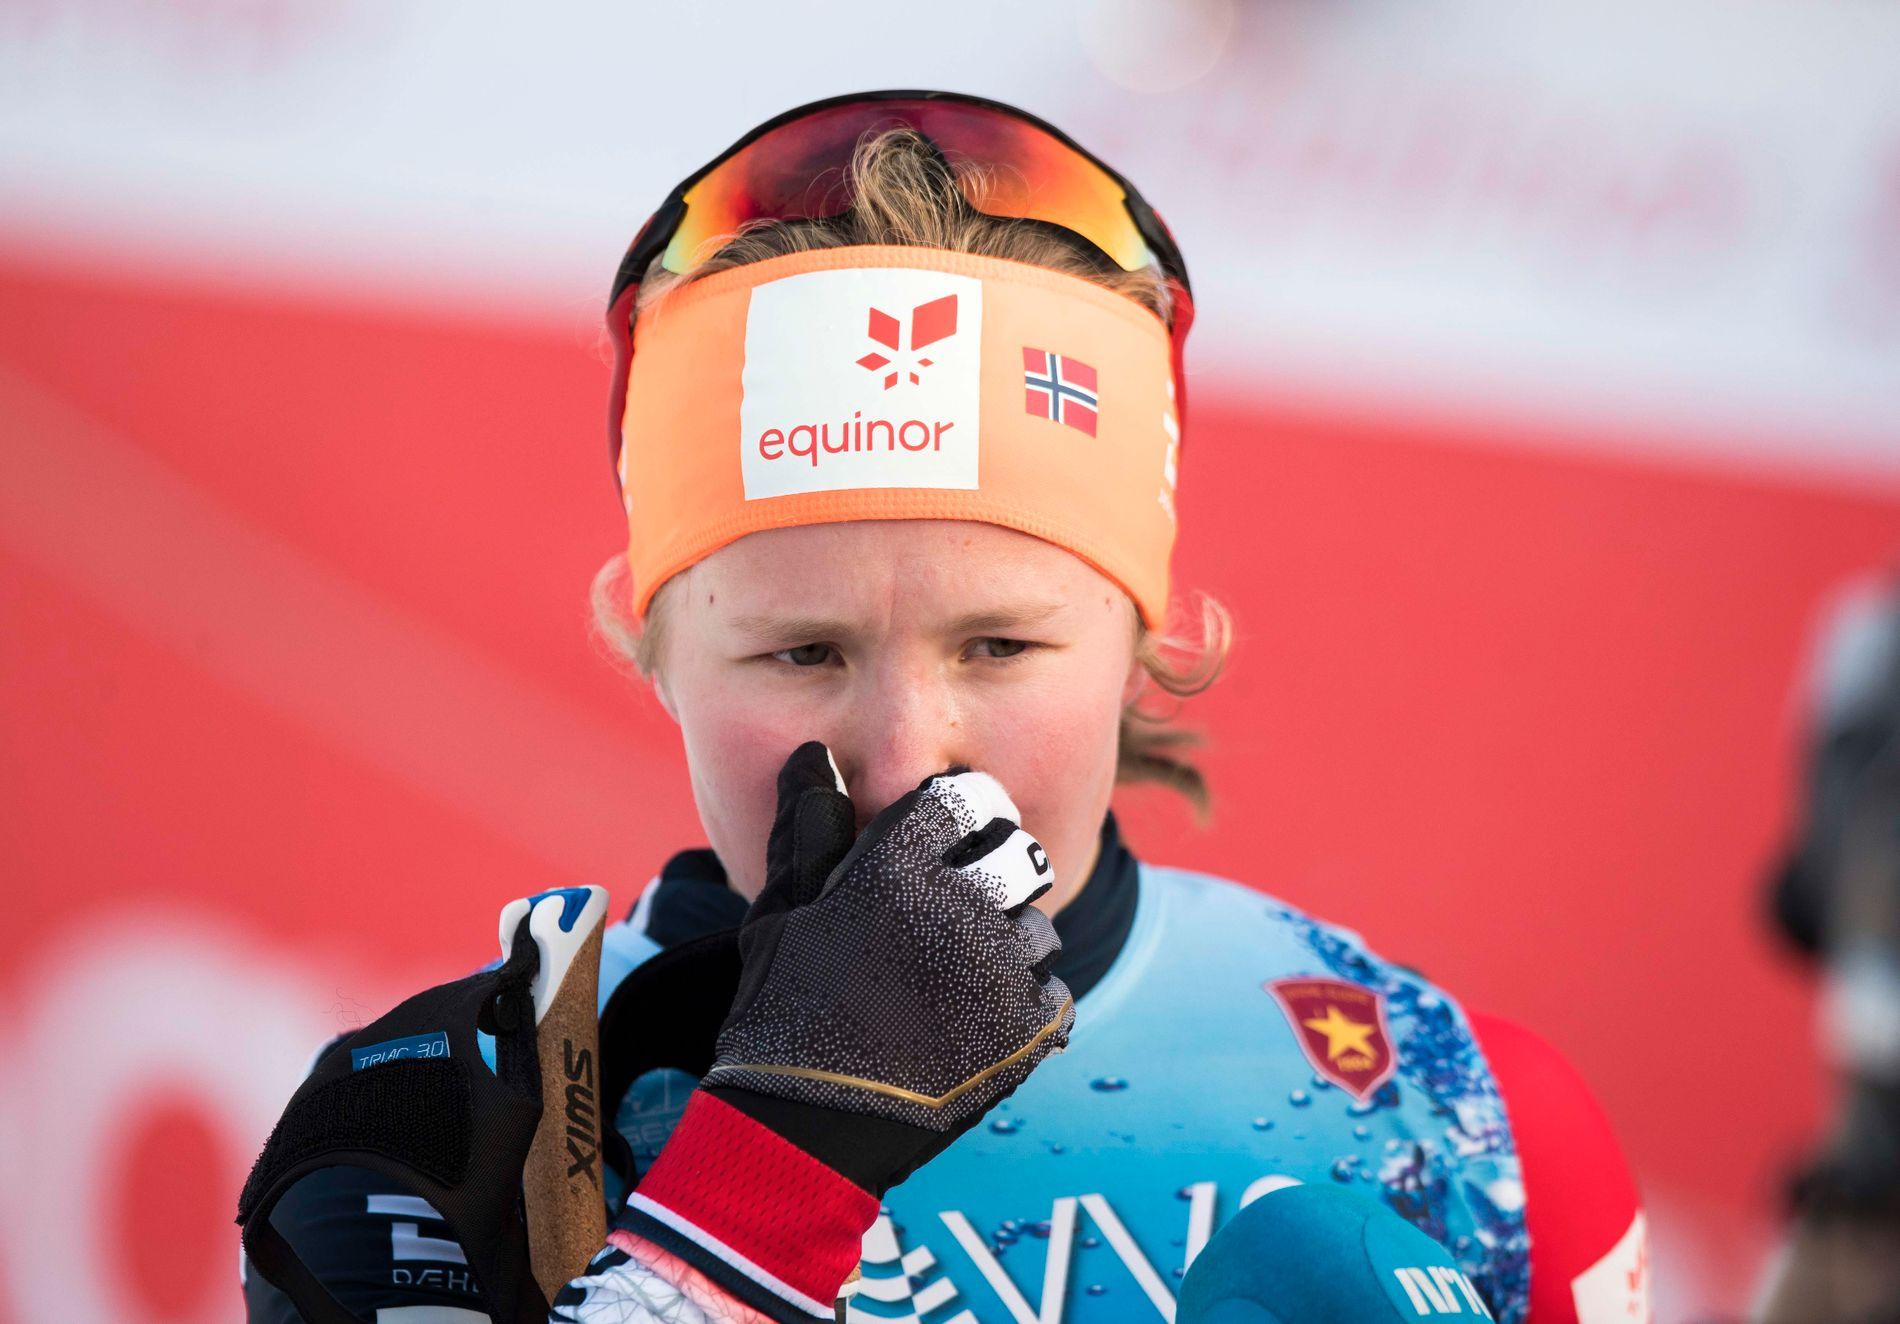 kiløper Helene Marie Fossesholm er en del av juniorlandslaget i langrenn for sesongen 2019/2020.